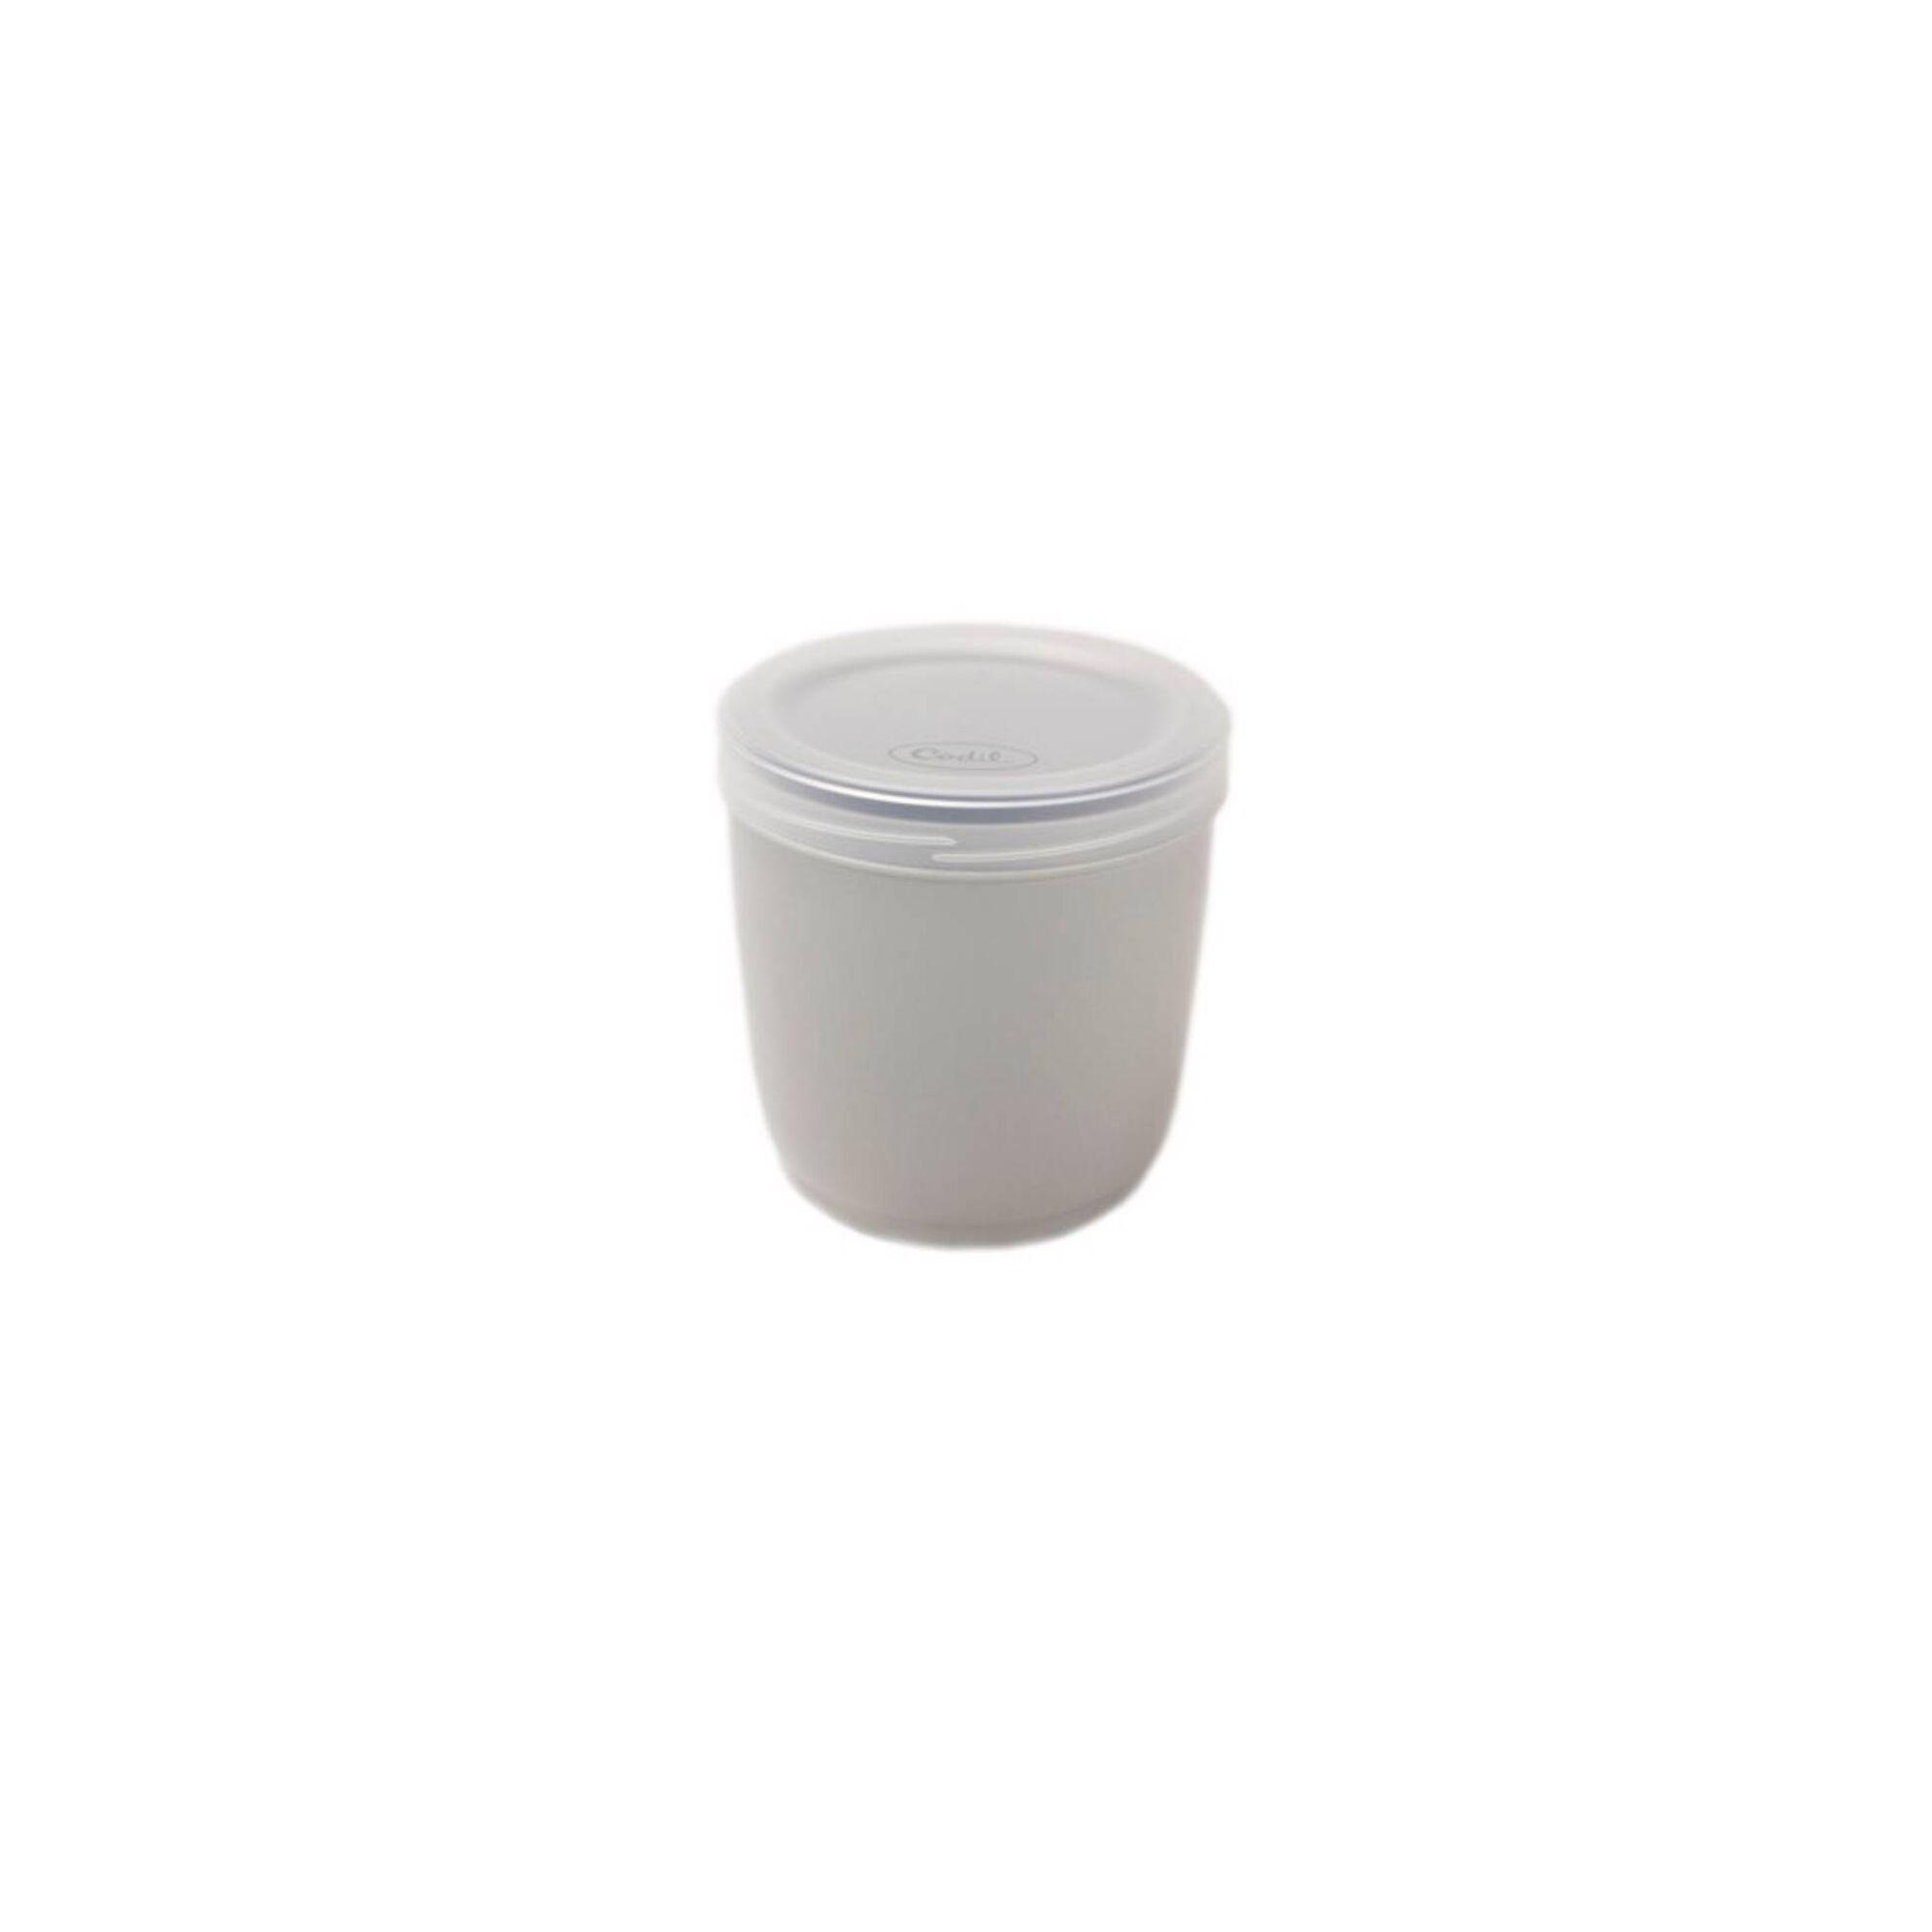 Caixa Alimentos com Tampa Rosca Plástico Essencial